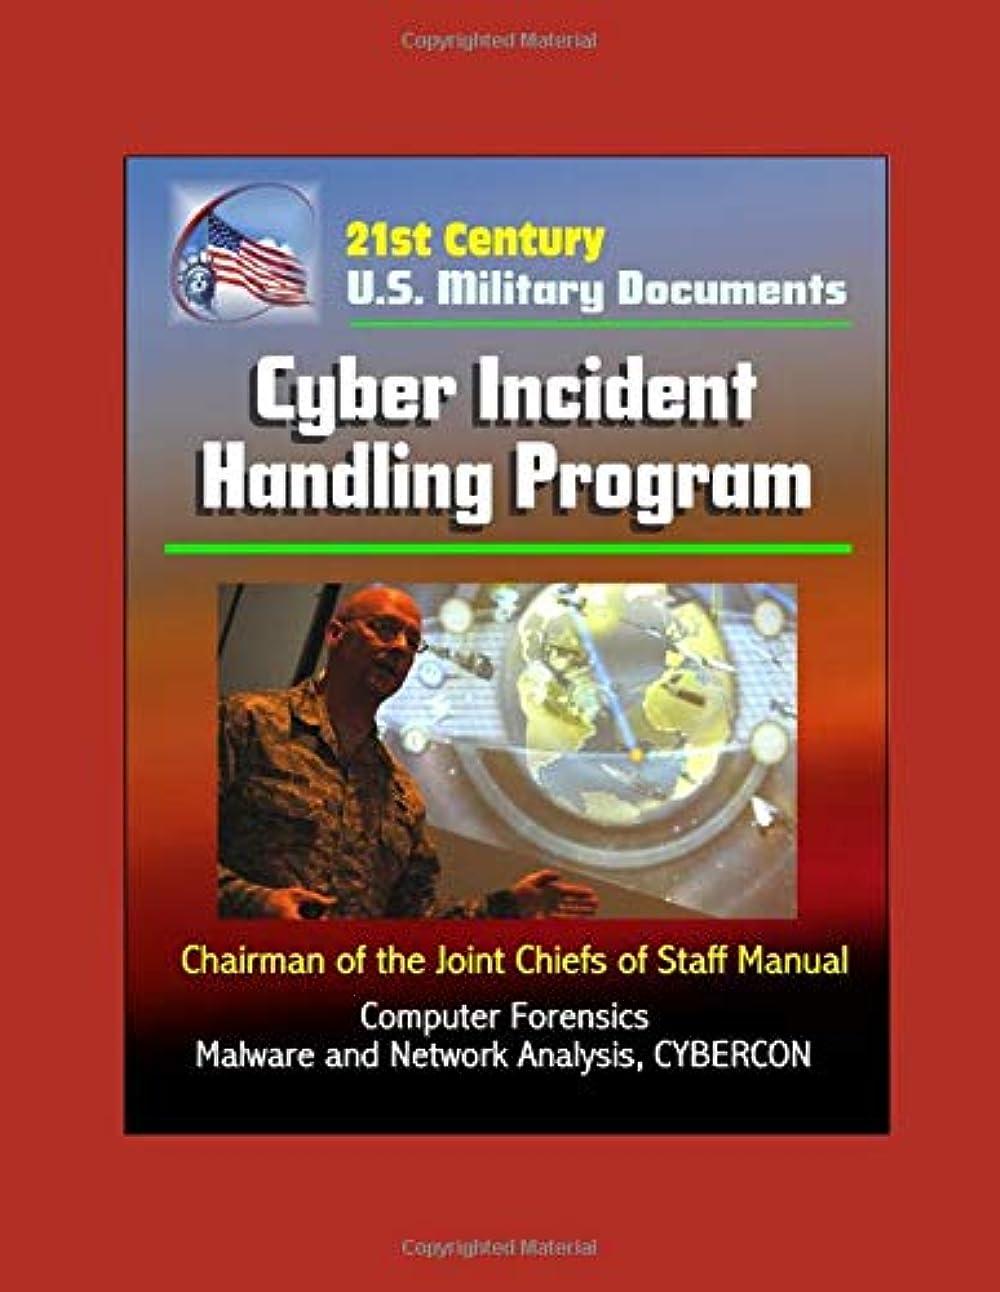 浸漬環境保護主義者によると21st Century U.S. Military Documents: Cyber Incident Handling Program (Chairman of the Joint Chiefs of Staff Manual) - Computer Forensics, Malware and Network Analysis, CYBERCON